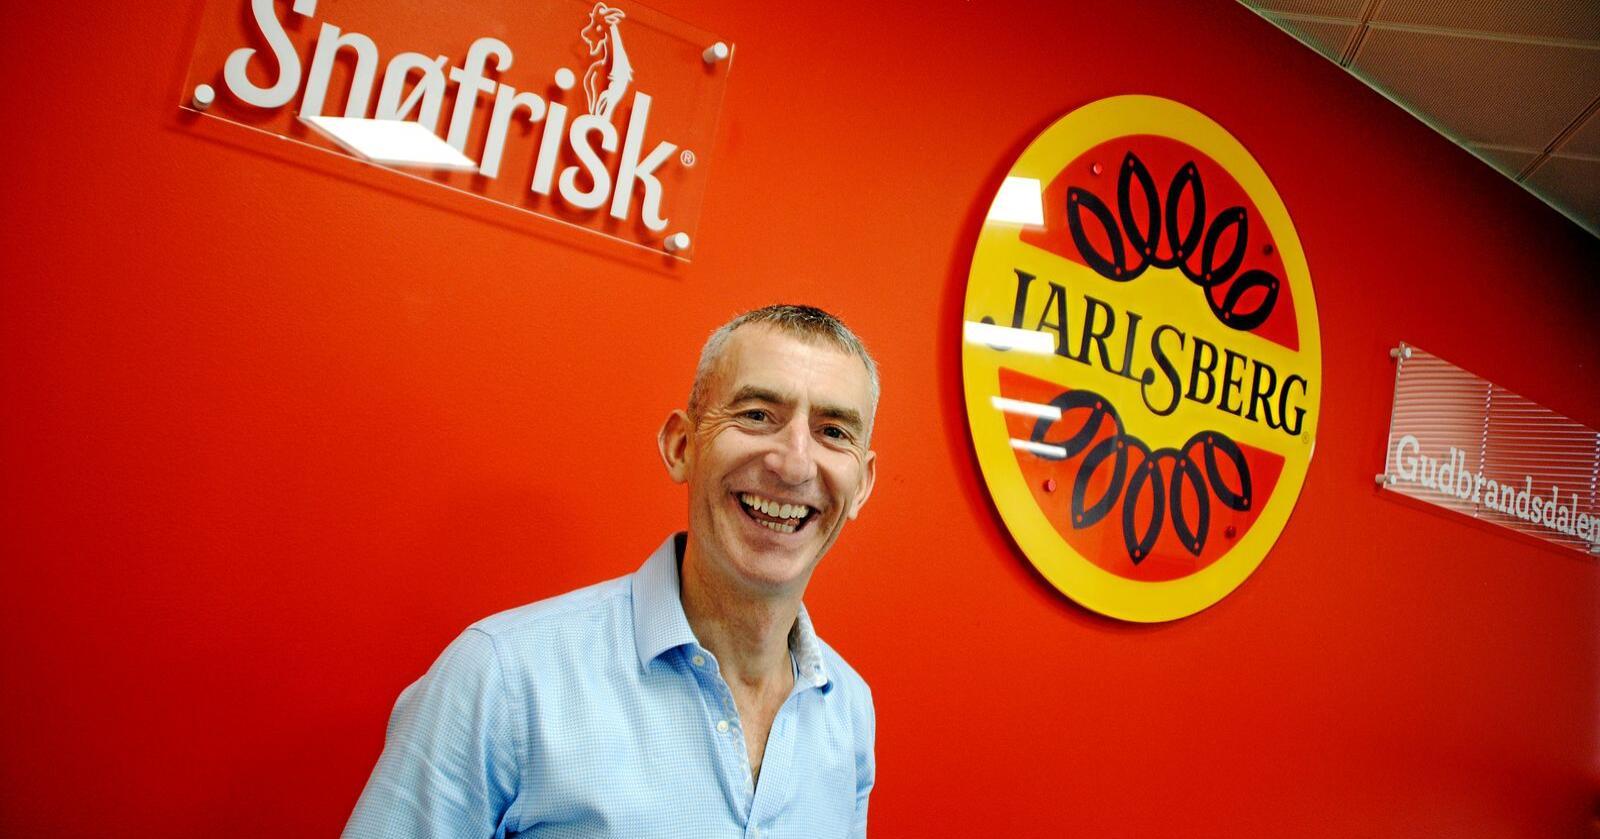 Stuart Storey er administrerende direktør i Norseland, datterselskapet til Tine som selger norske merkevarer som Jarlsberg og Snøfrisk i Storbritannia. Intervju tatt i forbindelse med brexit utenfor London.